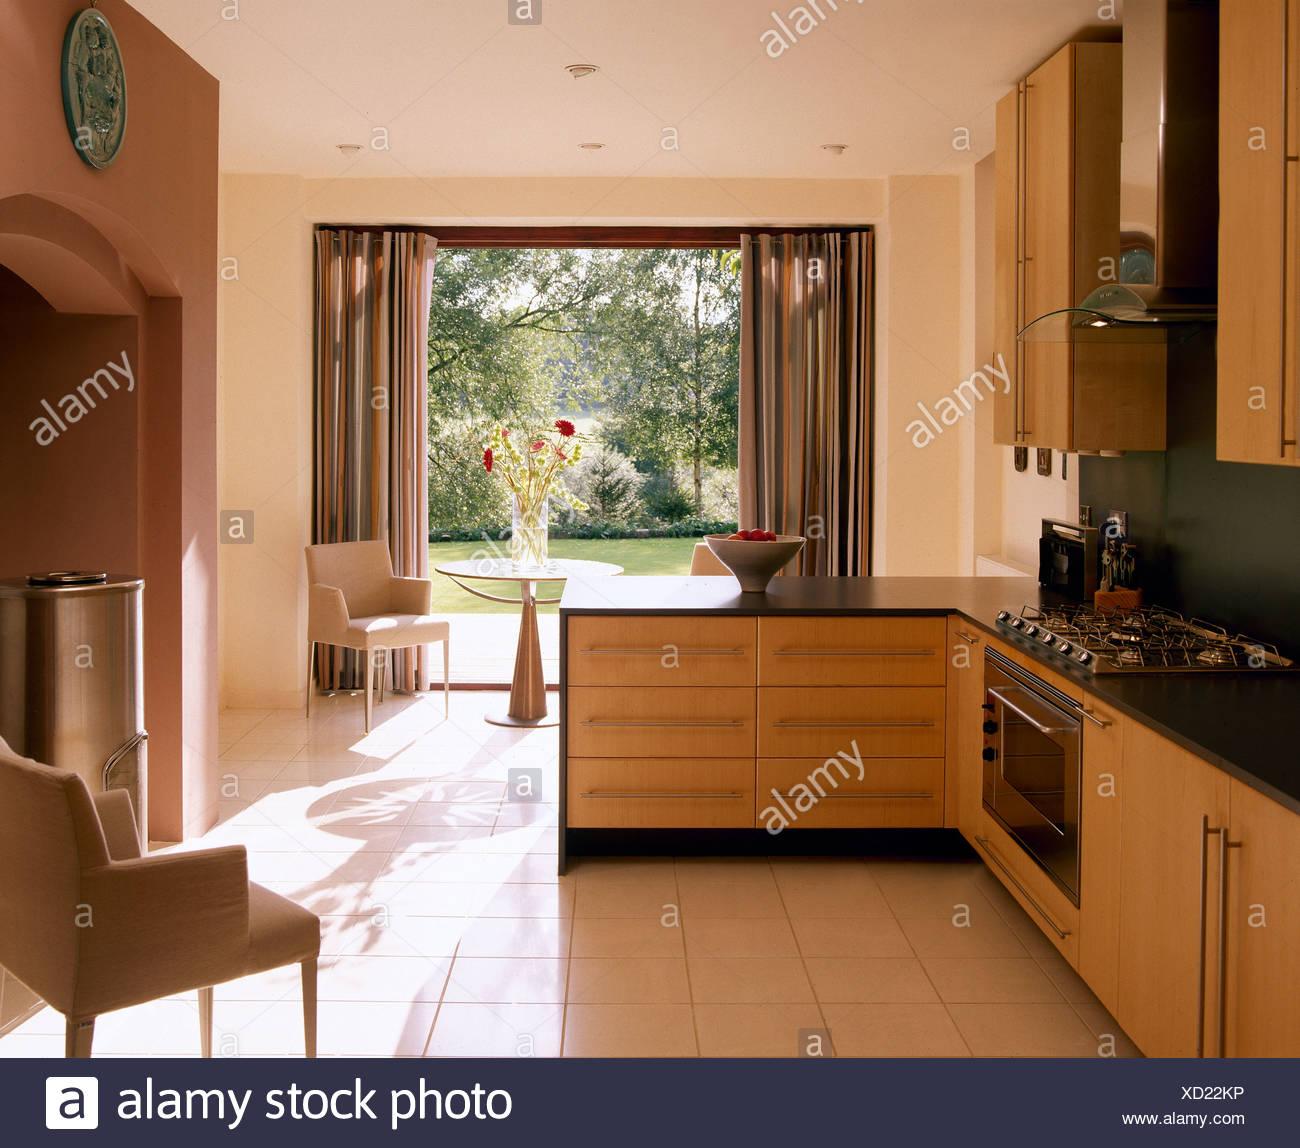 Keramischen Fliesenboden in modernen Küche mit grauen ...